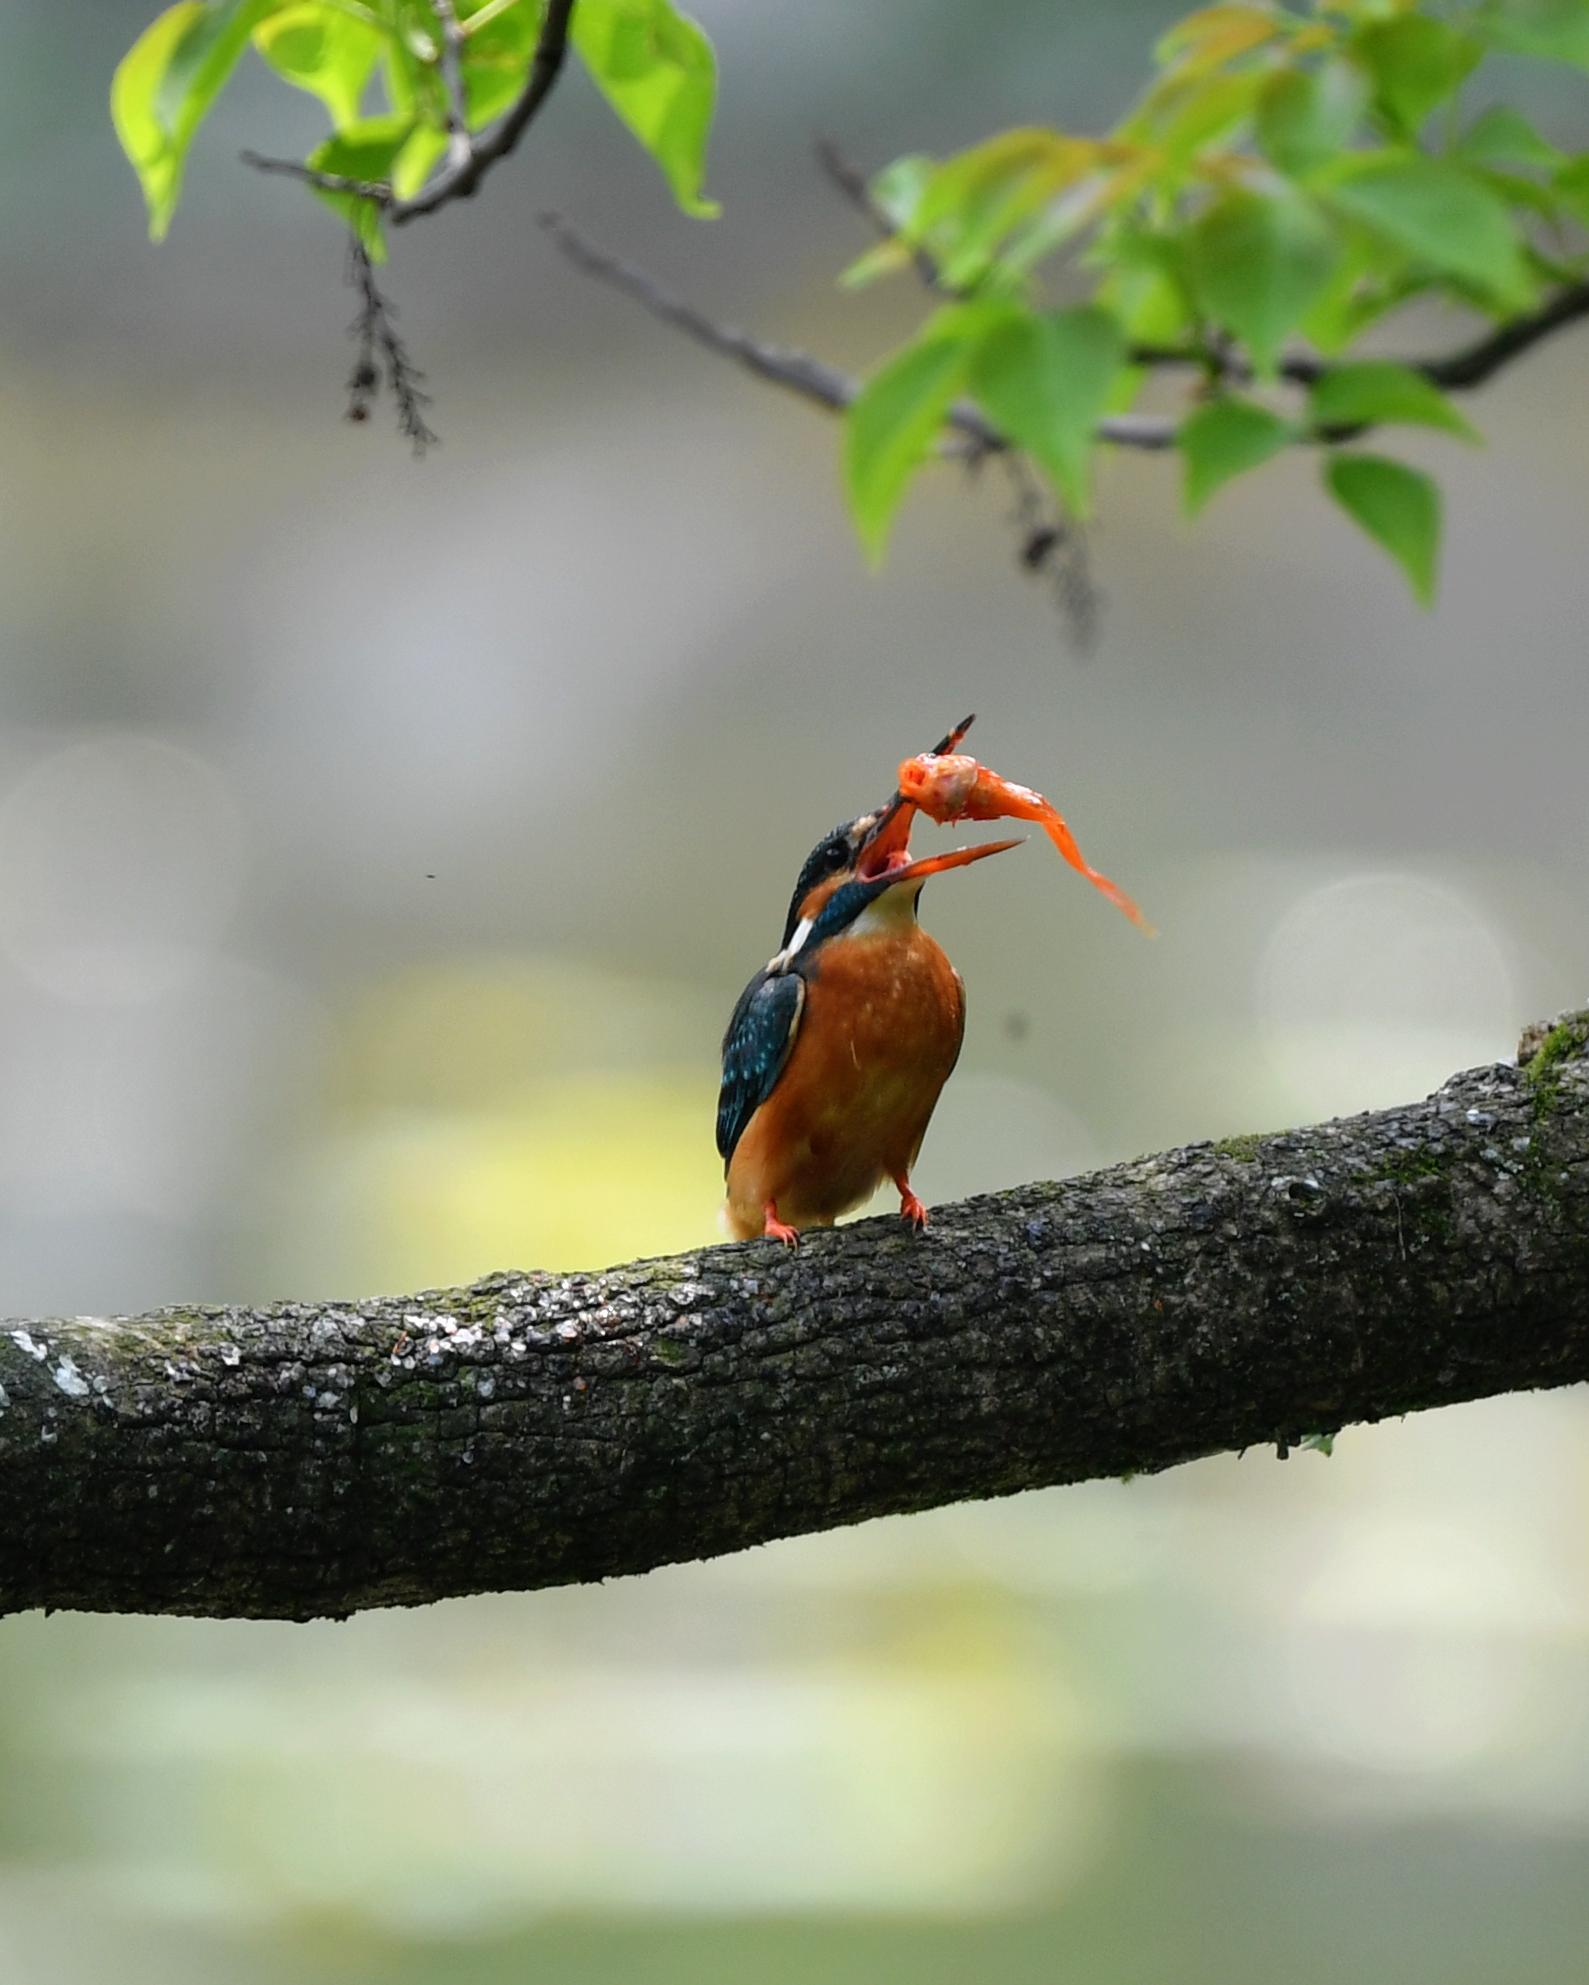 春逢谷雨鸟翩跹